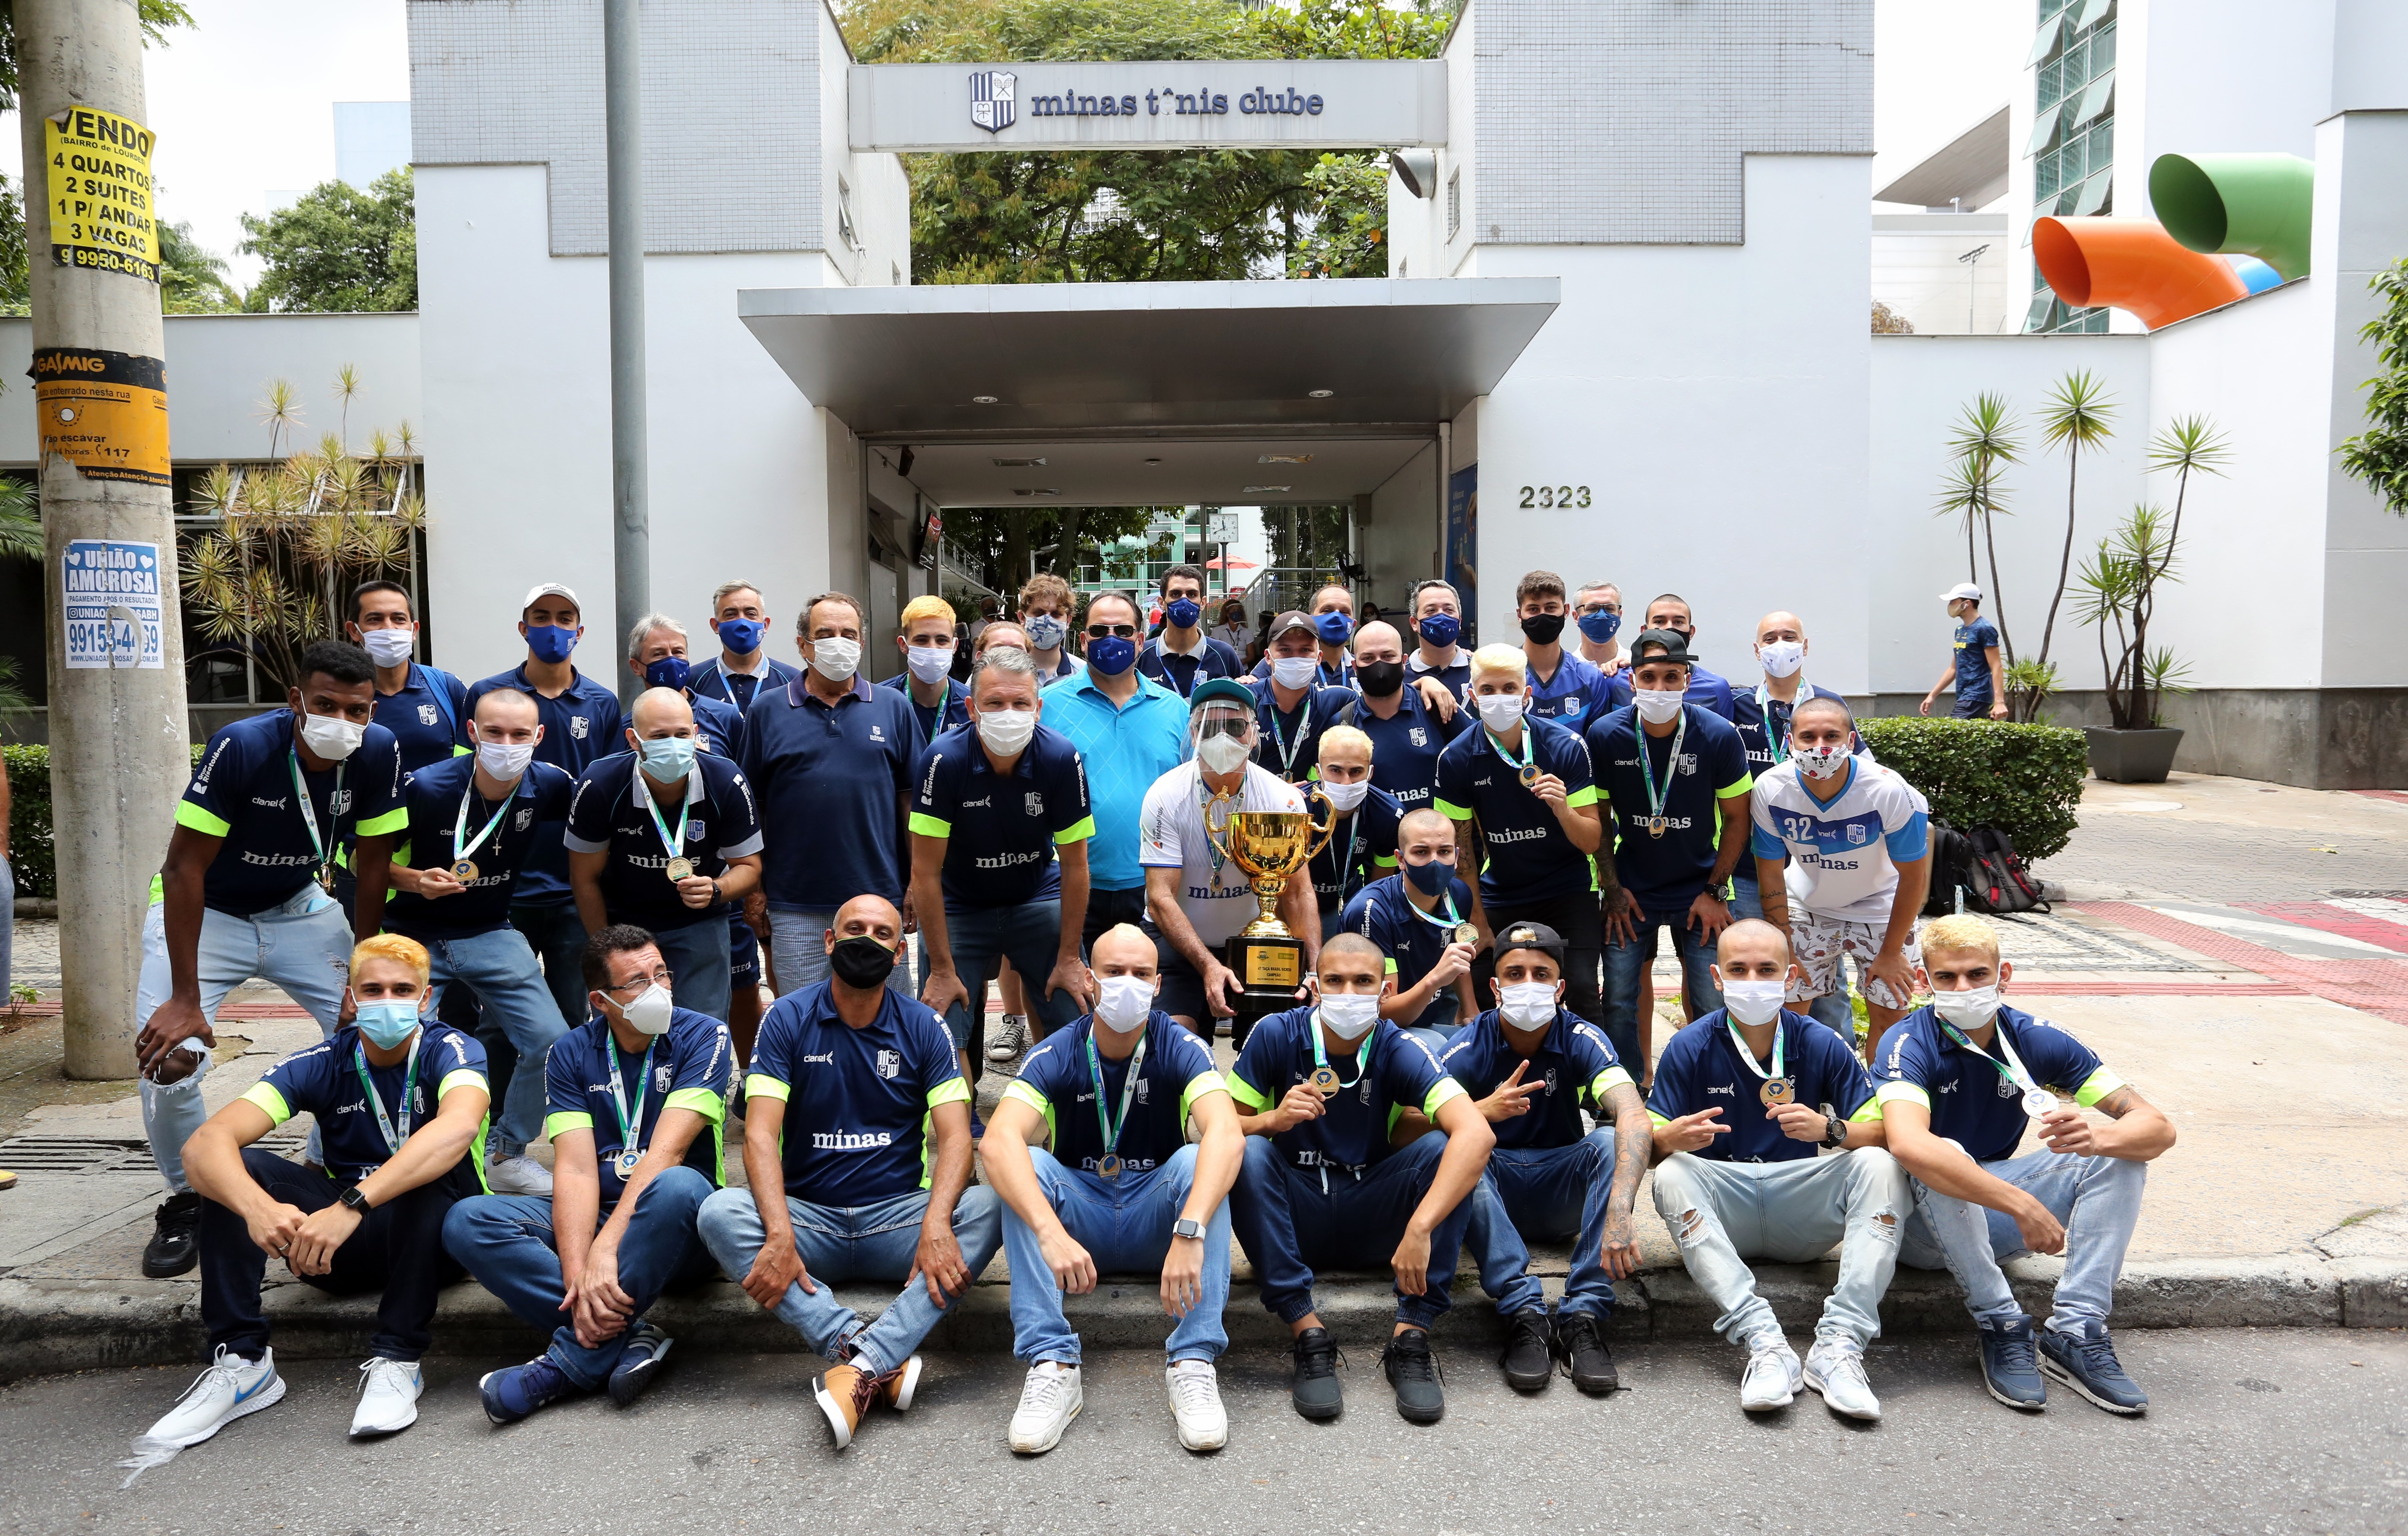 Equipe minastenista foi recebida pela diretoria no Minas I (Foto: Orlando Bento/MTC)